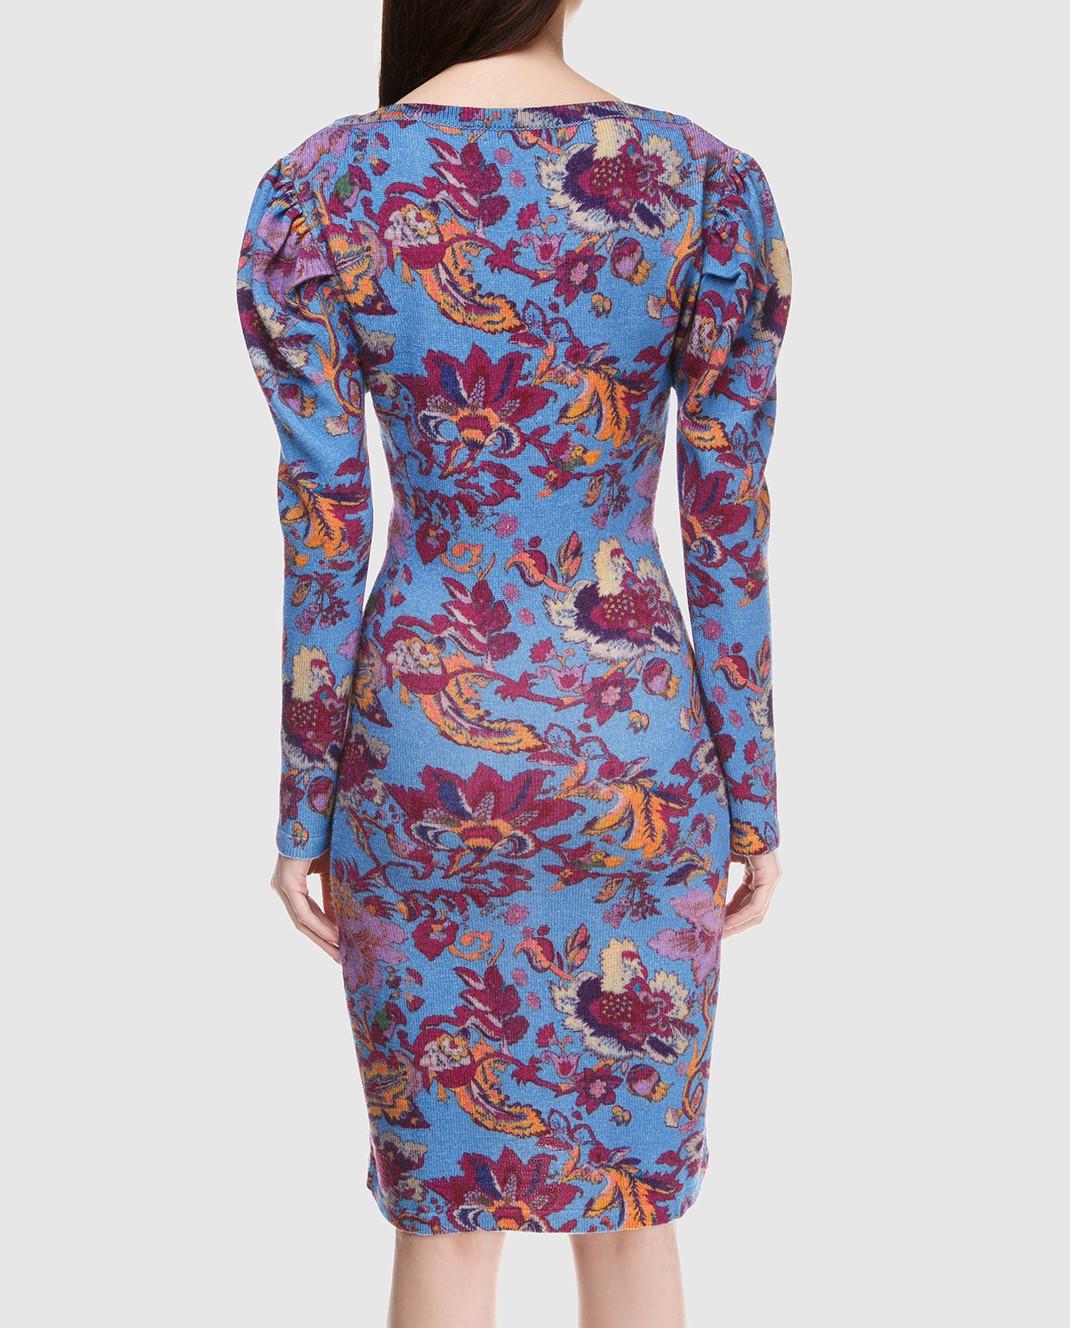 Etro Синее платье из шерсти D15673 изображение 4